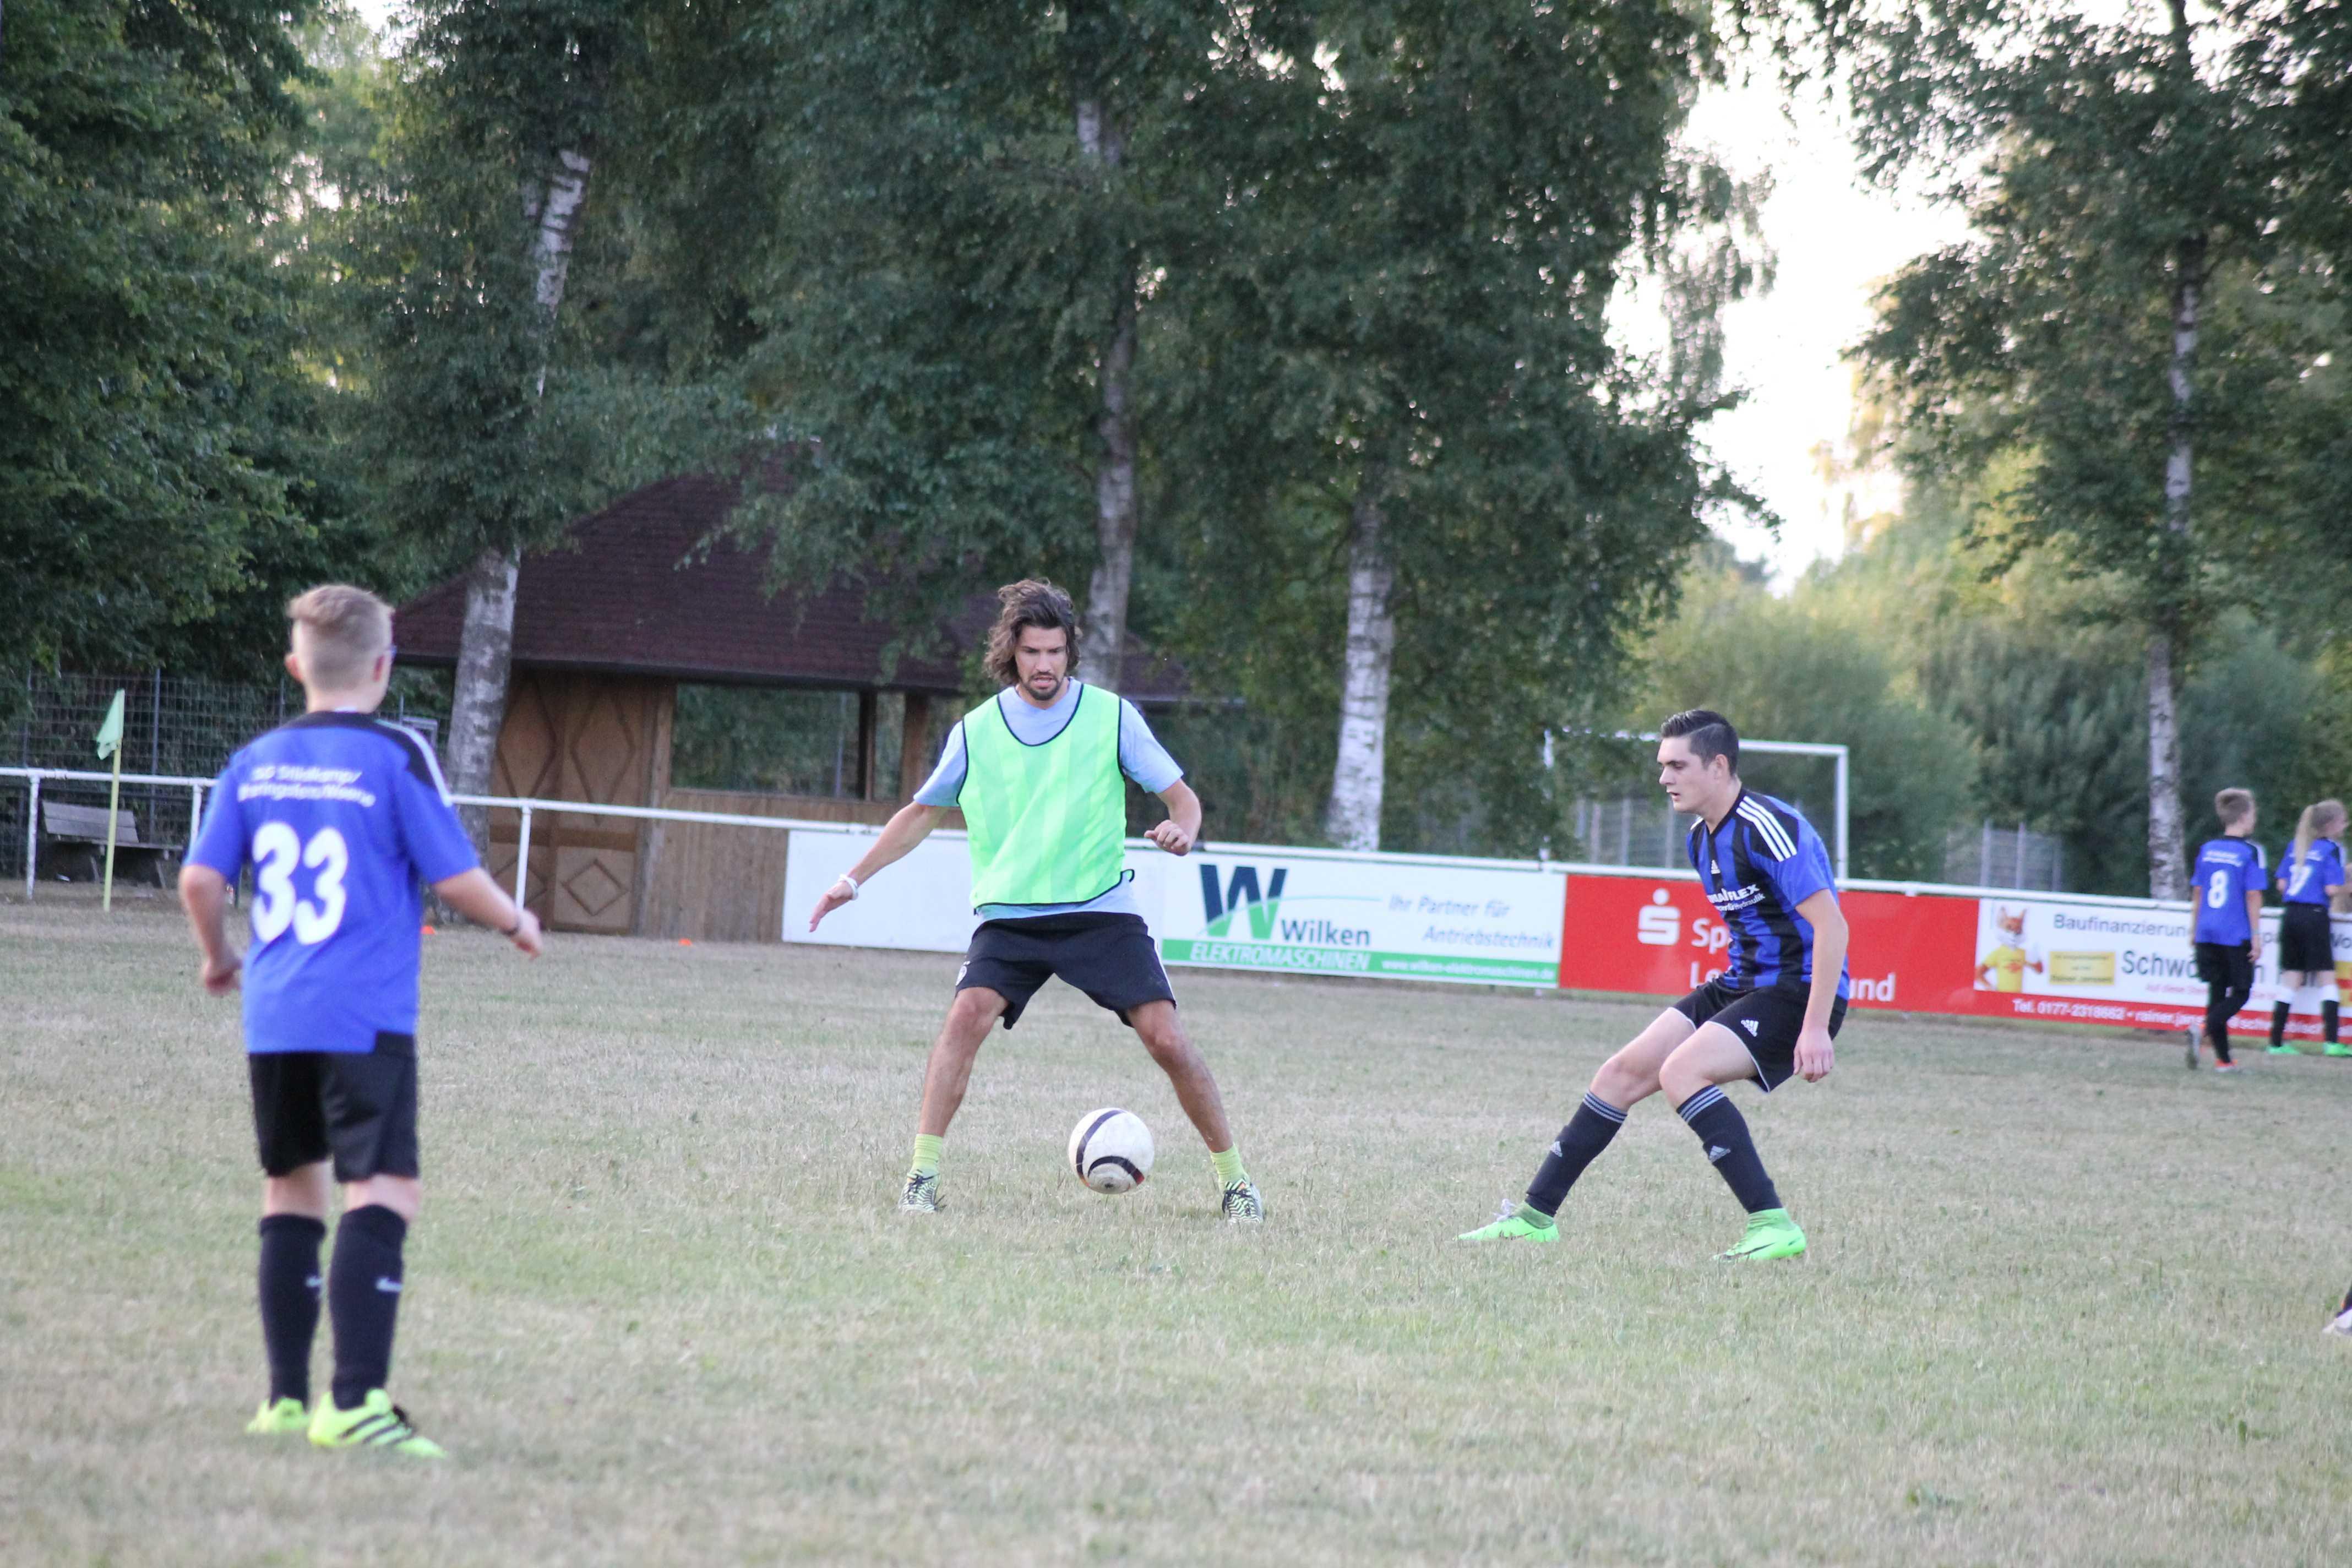 2018-08-04 Sportwoche - Straßenturnier (56)